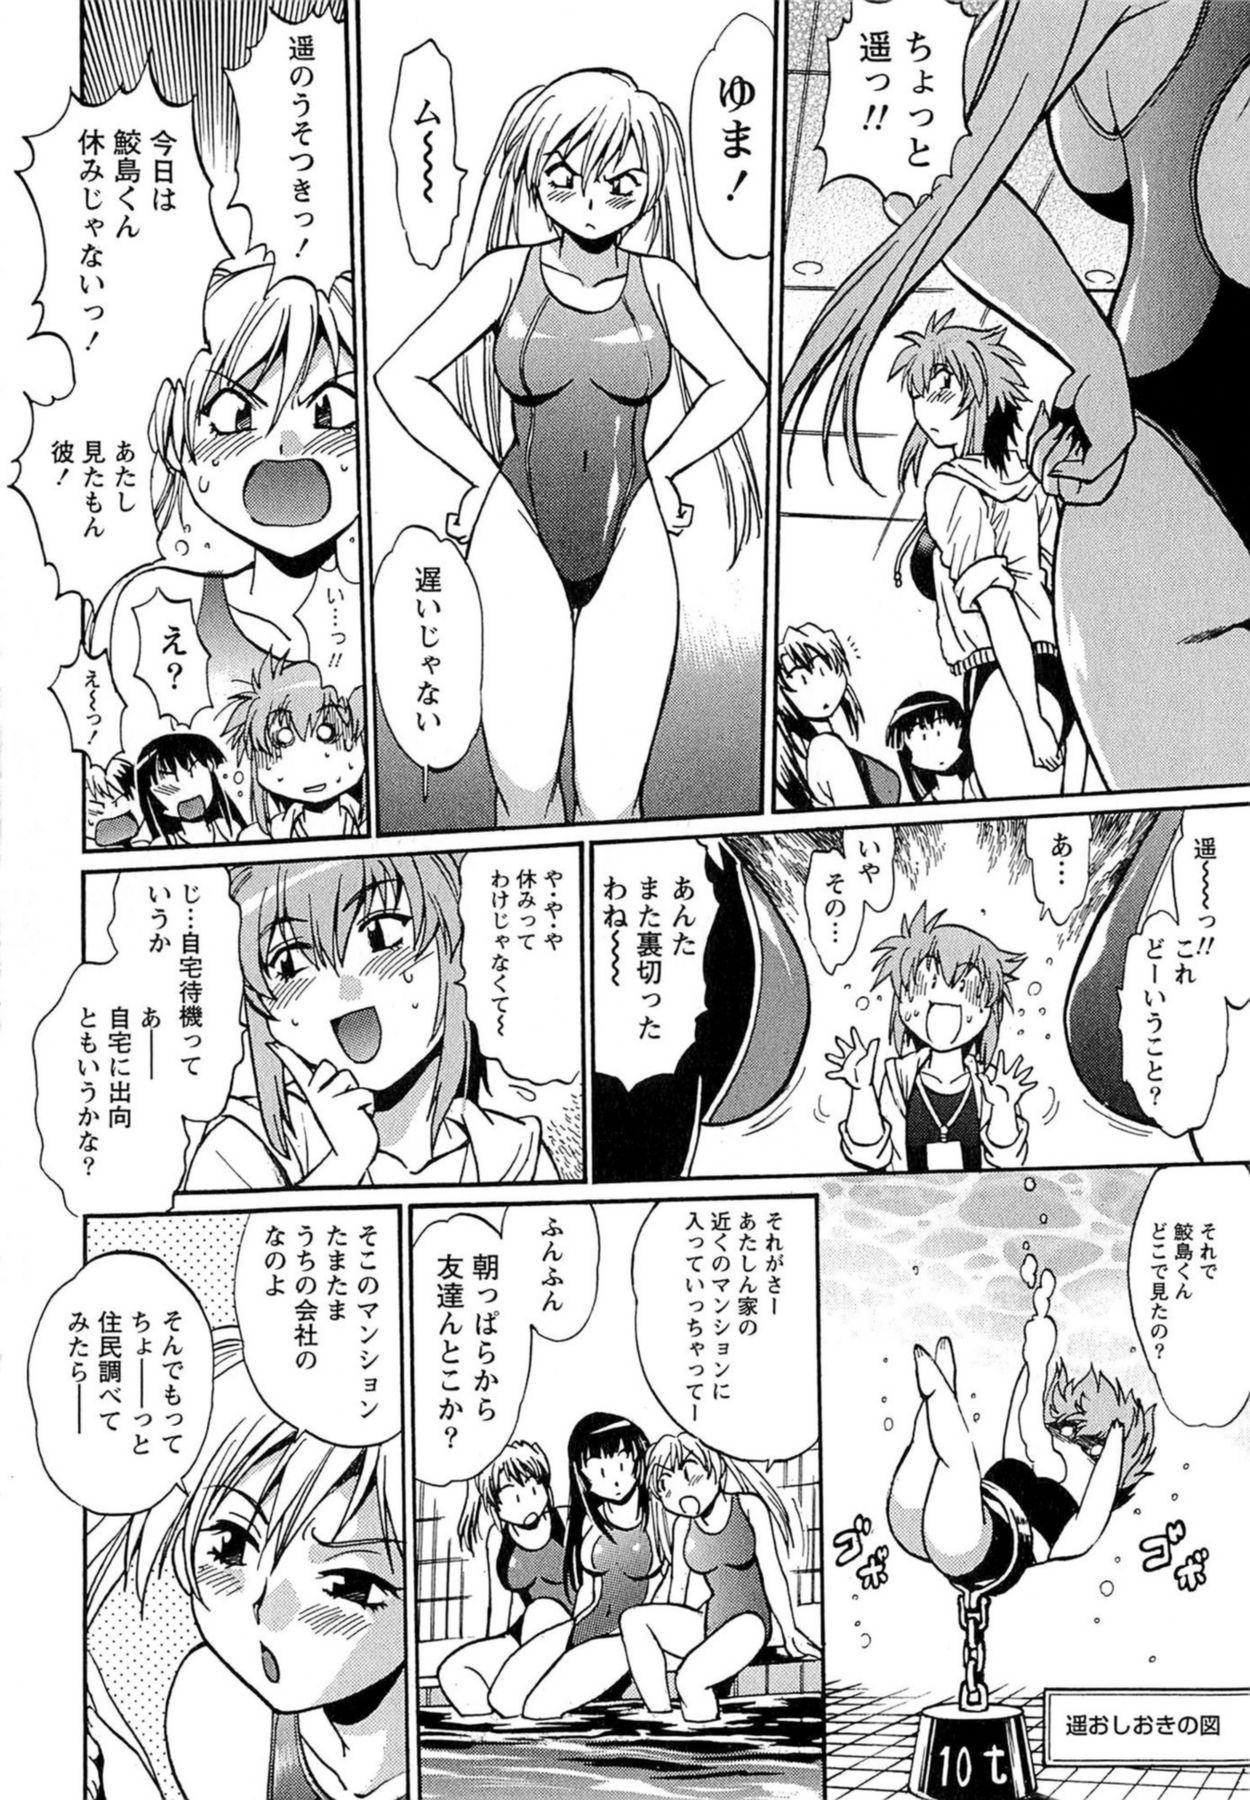 Kuikomi wo Naoshiteru Hima wa Nai! Vol. 1 126